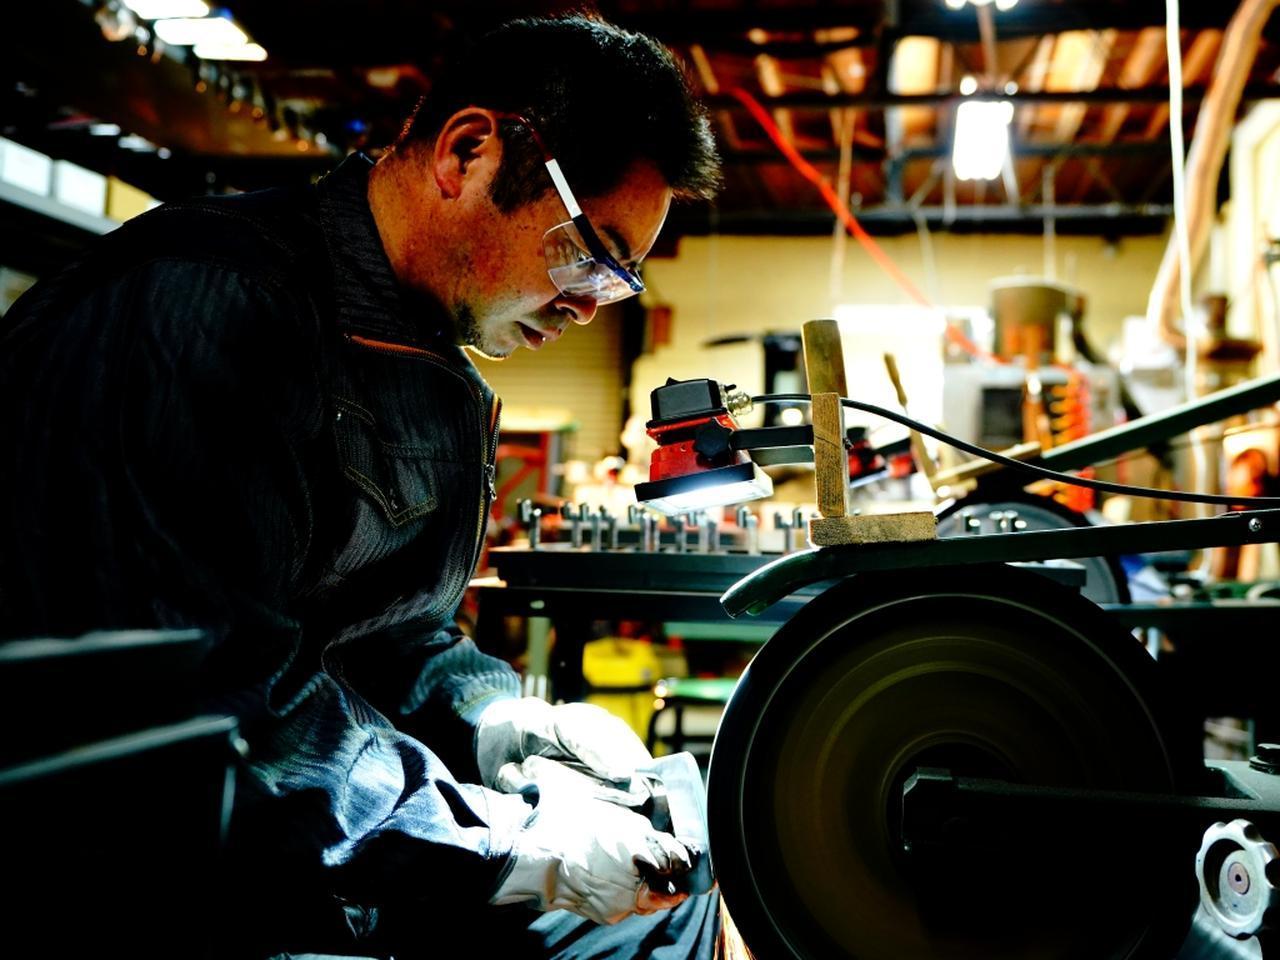 画像: 「人間が使う道具だから、作る人間は深く理解していなくてはならない」と語る増田雄二。尾崎将司をはじめ多くのプロのクラブを担う技術は今も健在